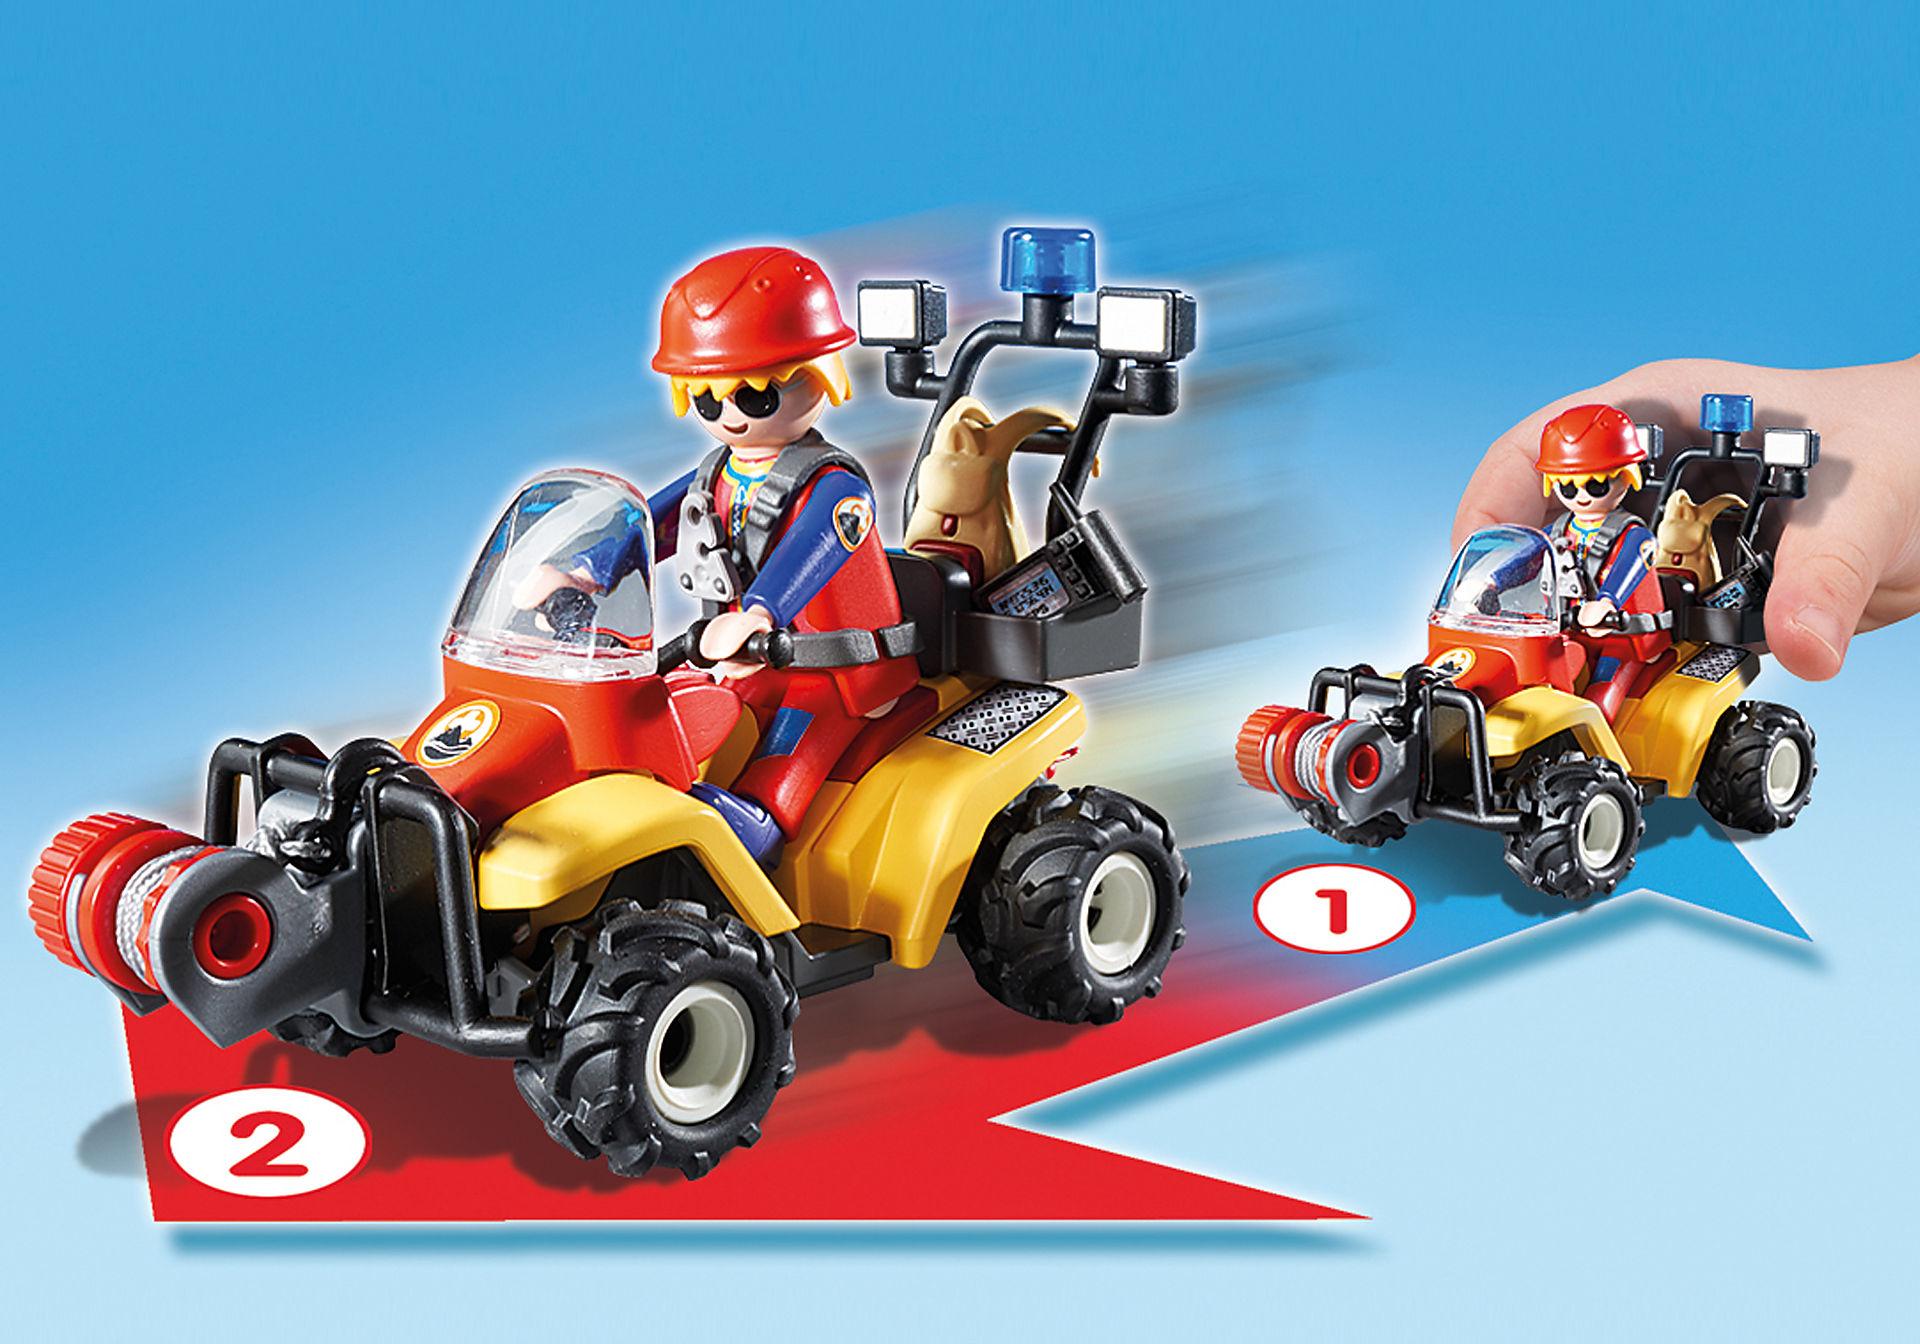 http://media.playmobil.com/i/playmobil/9130_product_extra1/Mountain Rescue Quad